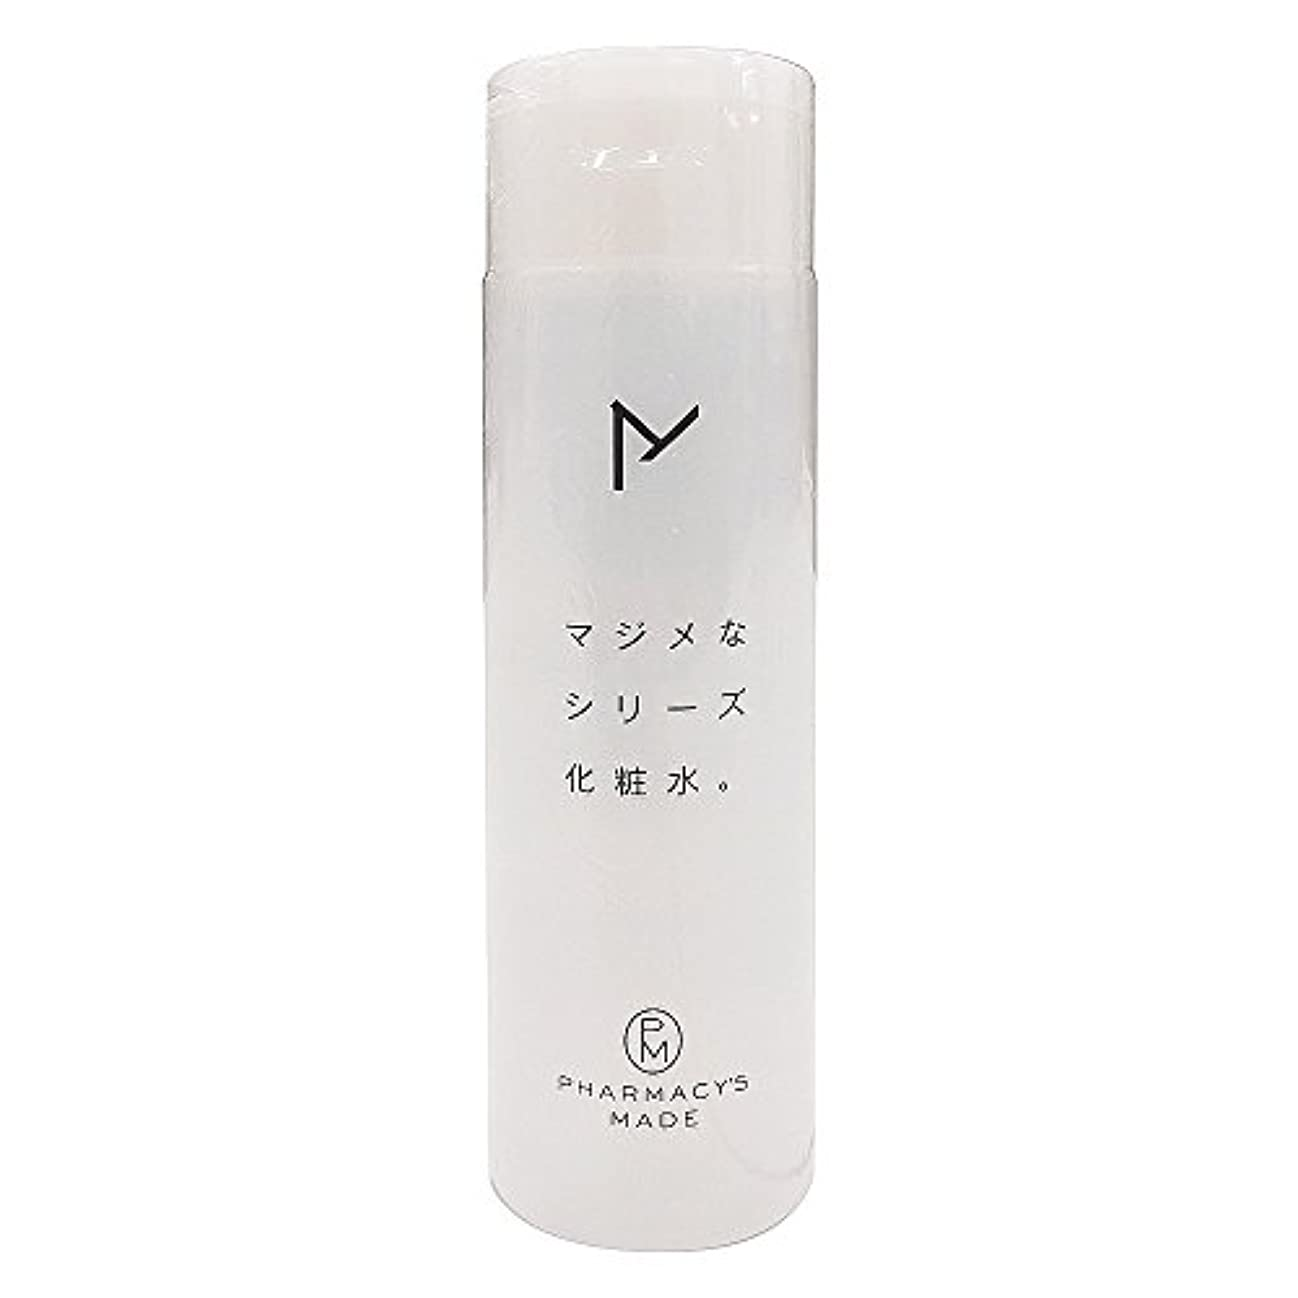 ゲスト増加する相互水橋保寿堂製薬 マジメなシリーズ化粧水。 200ml